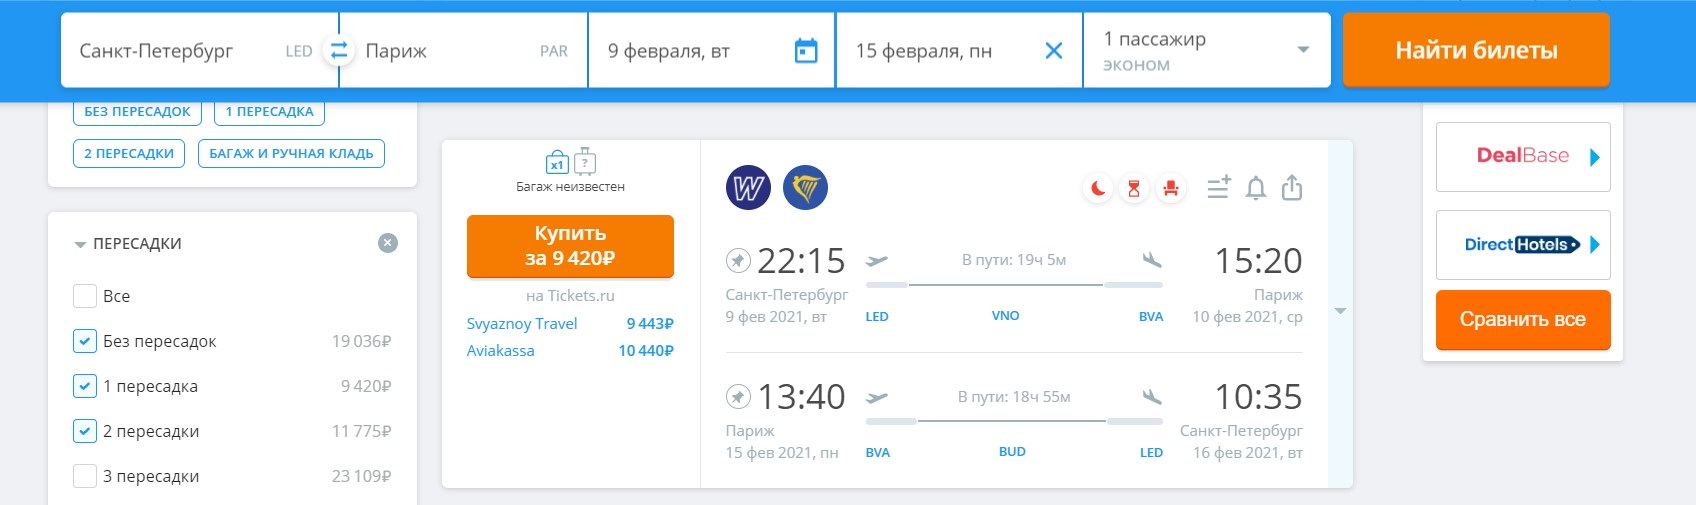 Очень дешевые билеты на февраль 2021 года из Петербурга в Париж за 9400 рублей